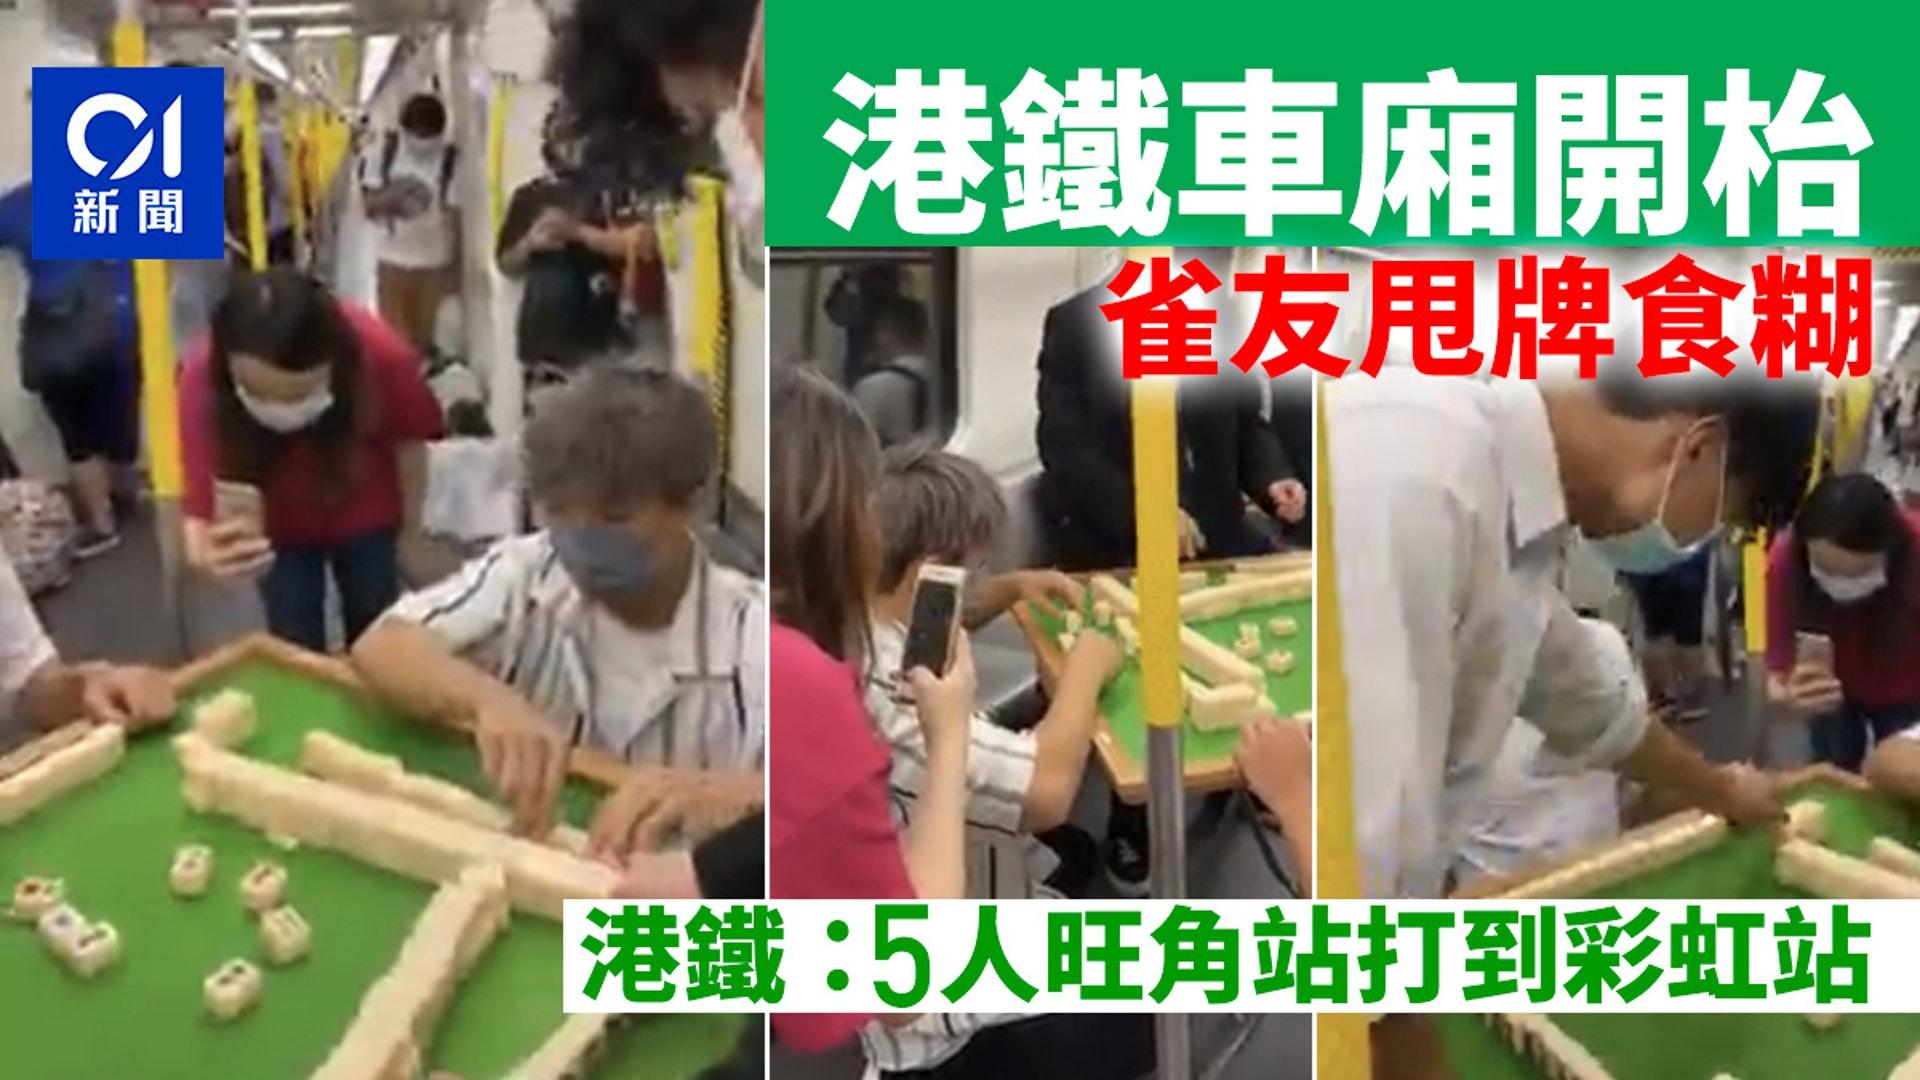 港鐵車廂5乘客「開枱」打牌 港鐵籲保持車廂暢通勿滋擾他人